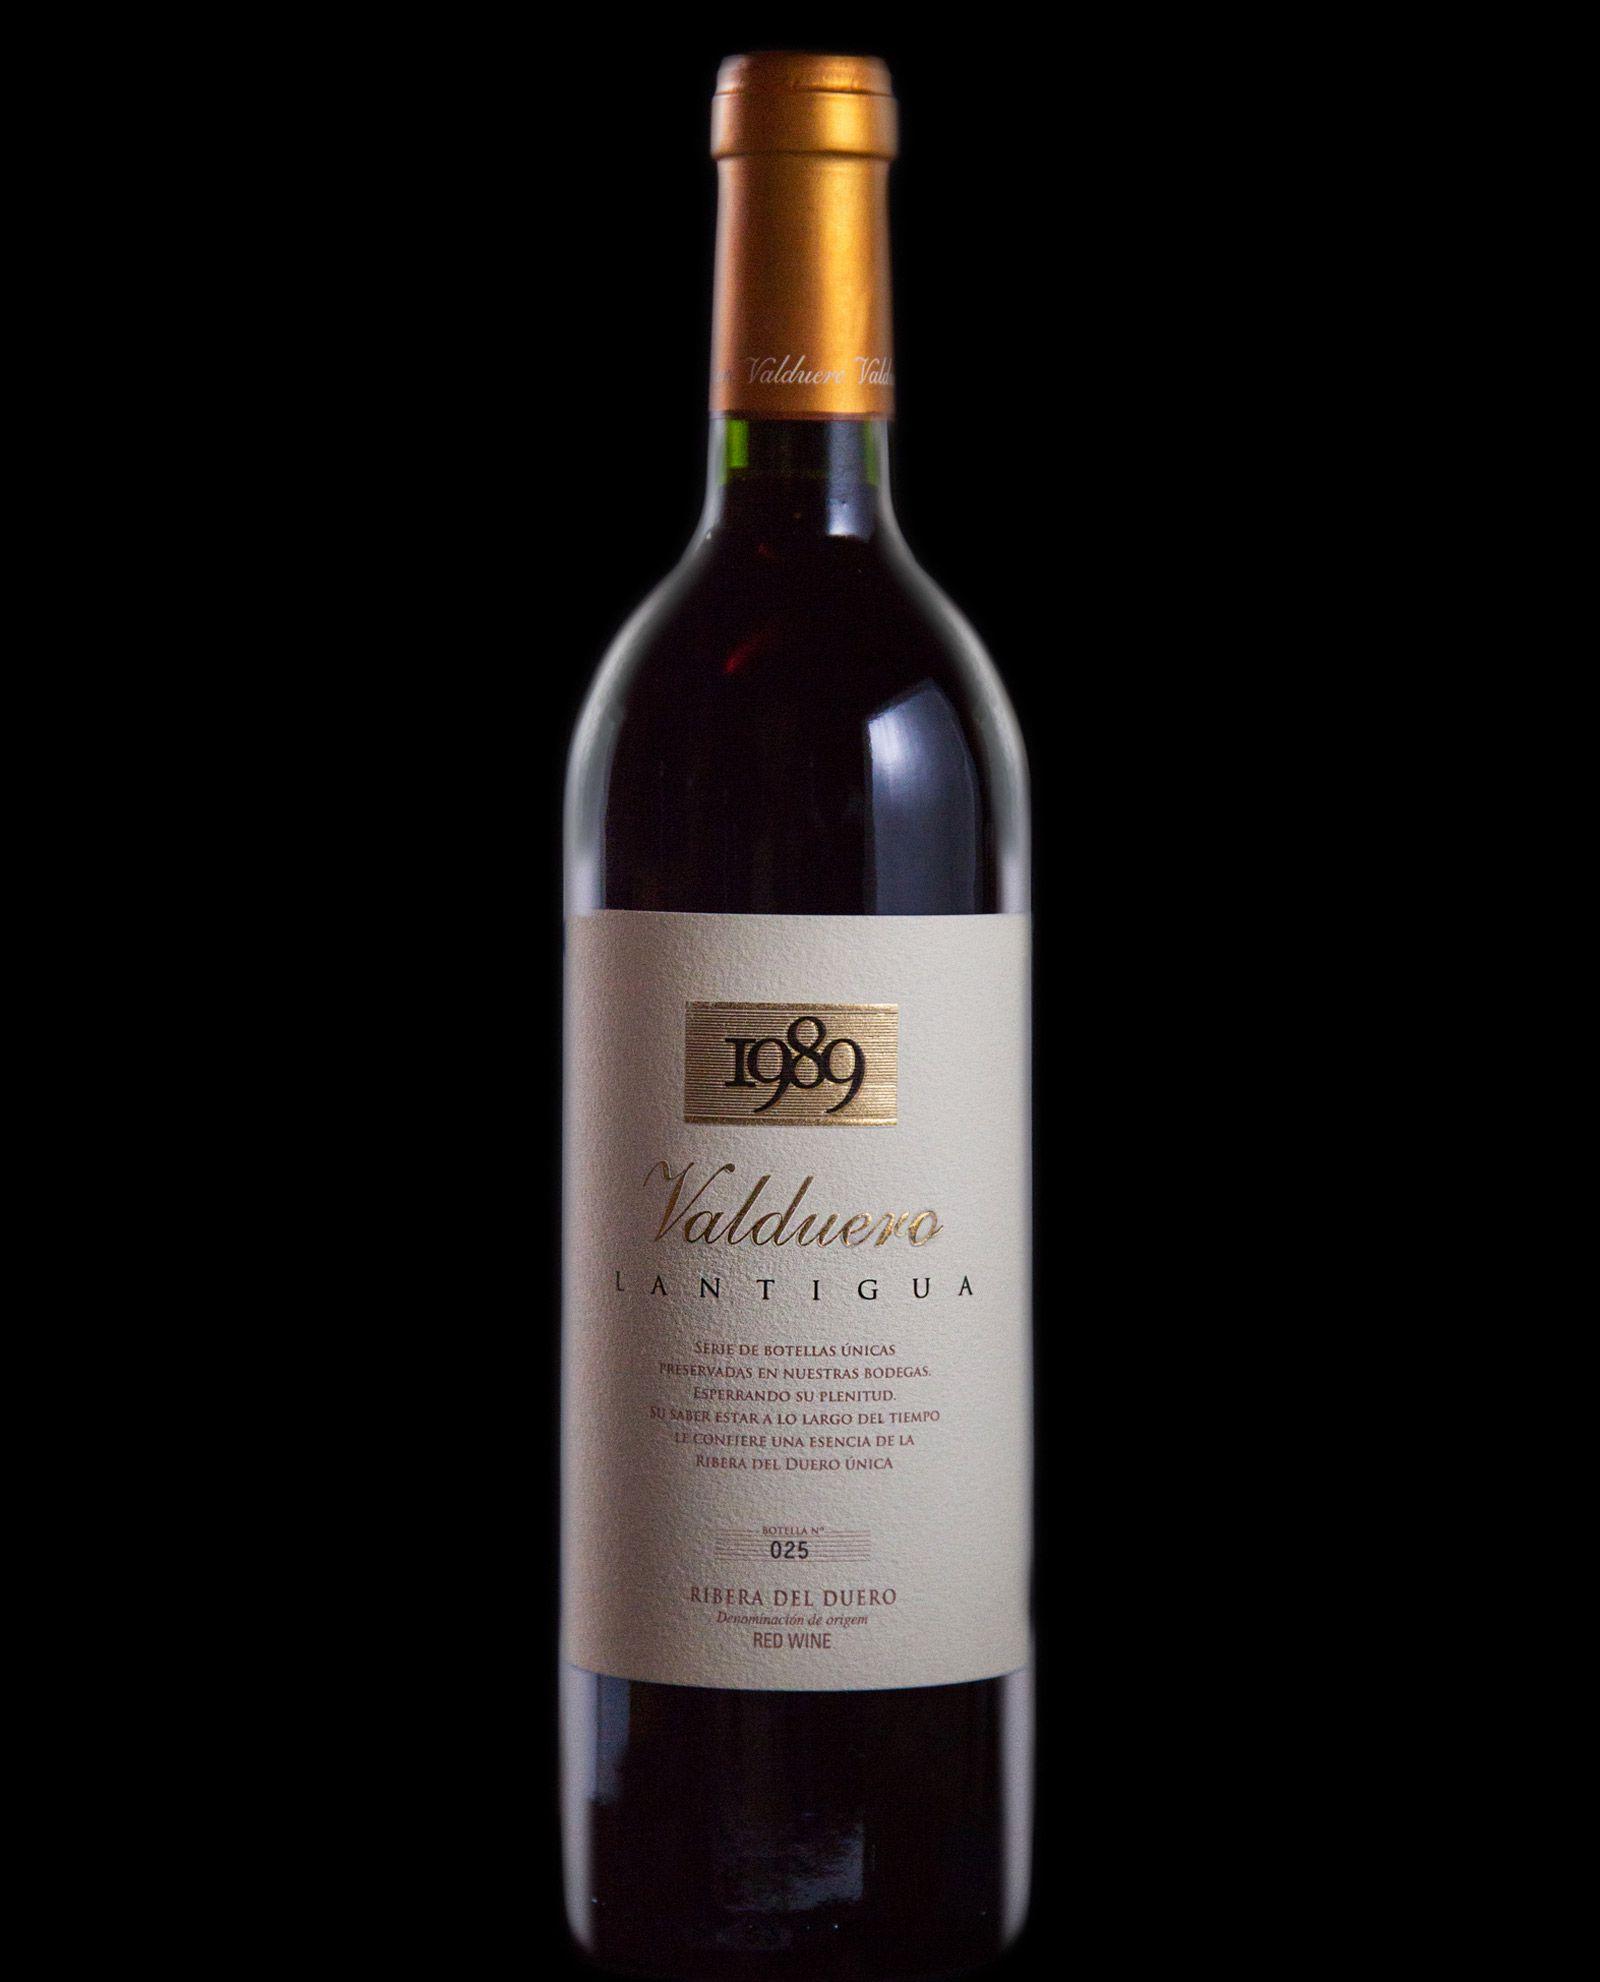 Botella de vino de lujo Valduero lantigua, vino de lujo de la Ribera de Duero